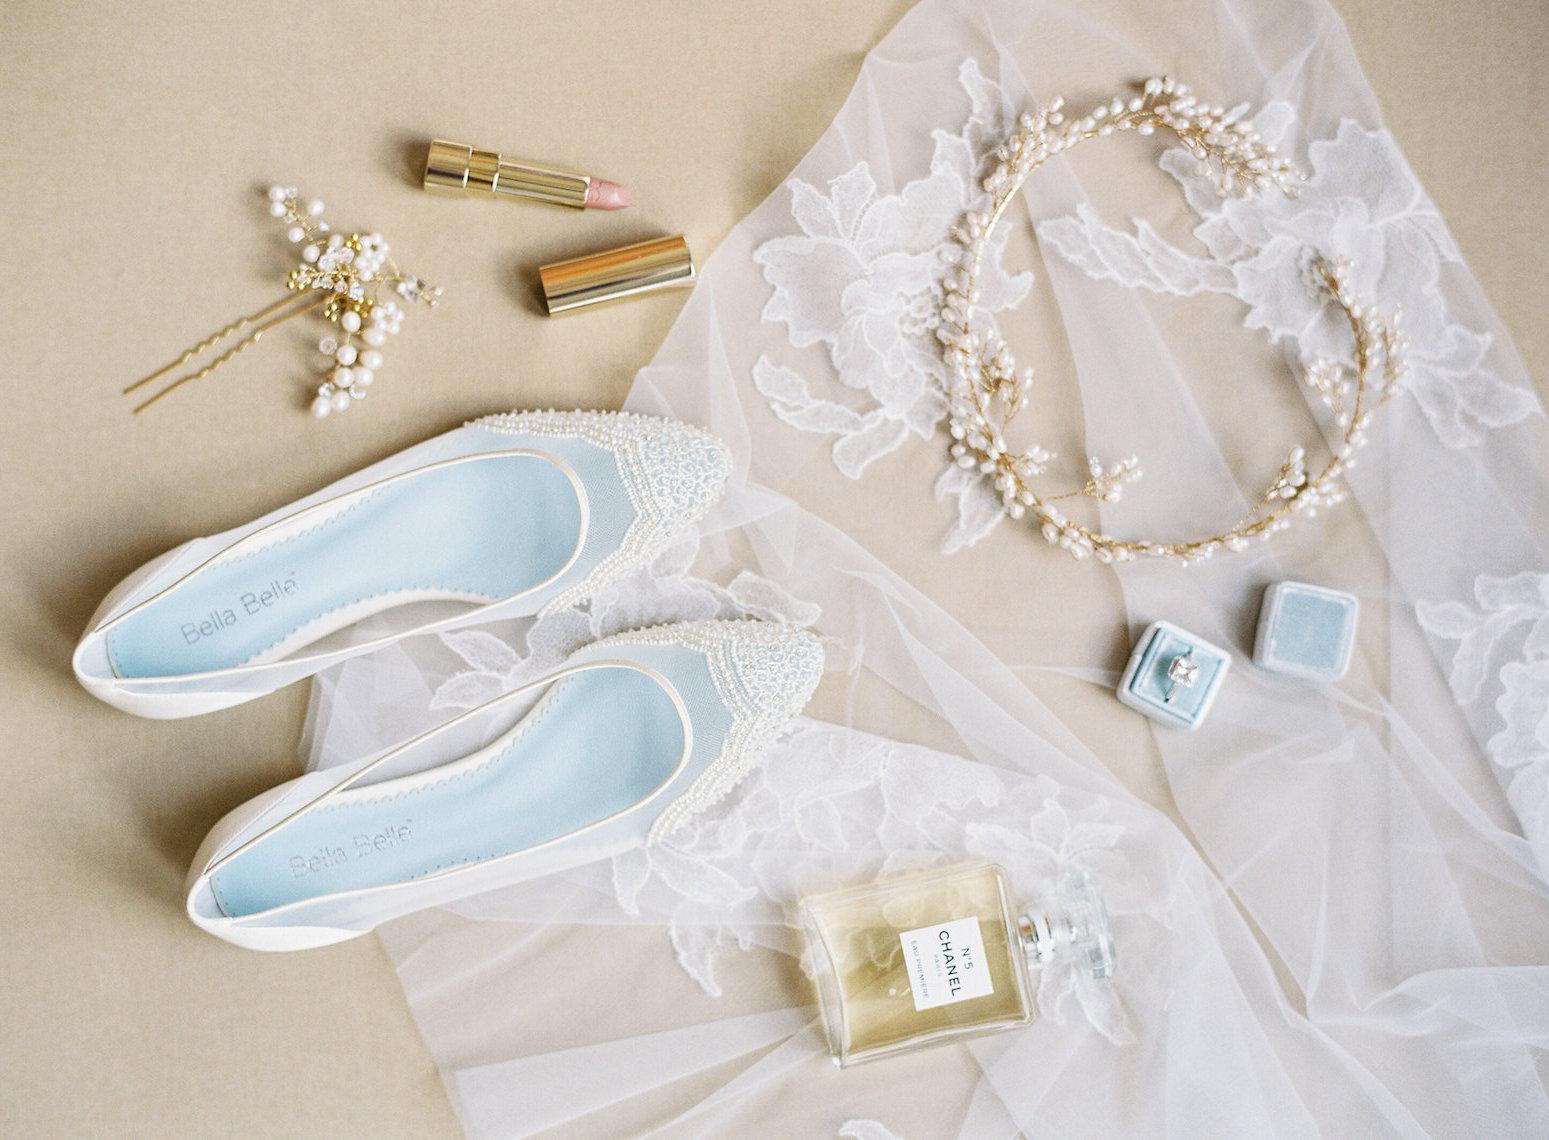 Φλατ παπούτσια για ιδιαίτερες νύφες που αγαπούν την άνεση